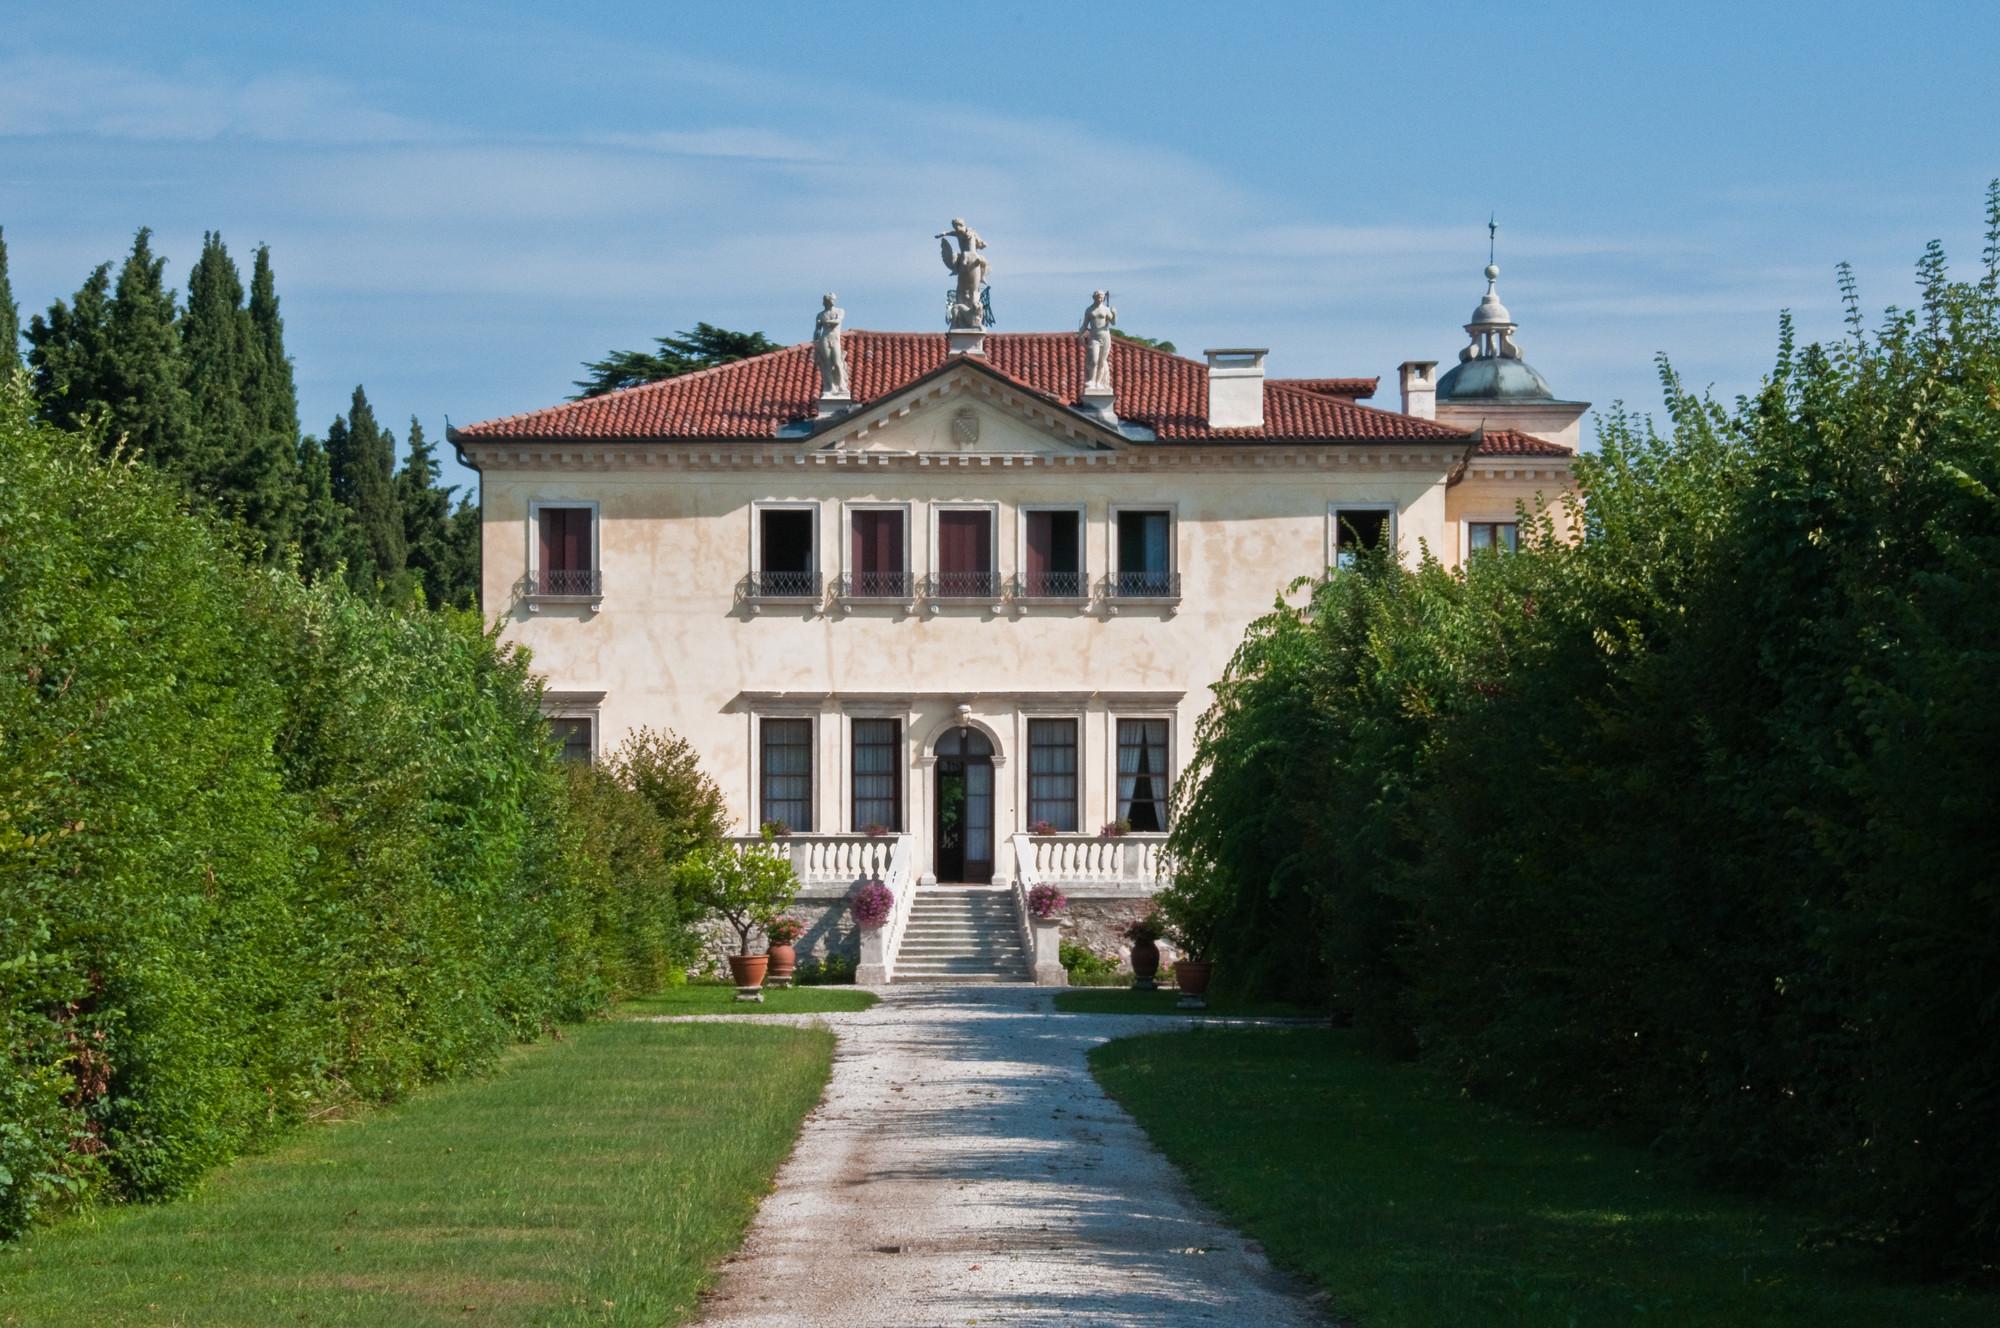 Legado de Andrea Palladio en peligro por futuro tren de alta velocidad en Italia, Villa Valmarana en Vicenza, Italia.. Image © Graeme Churchard [Flickr CC]